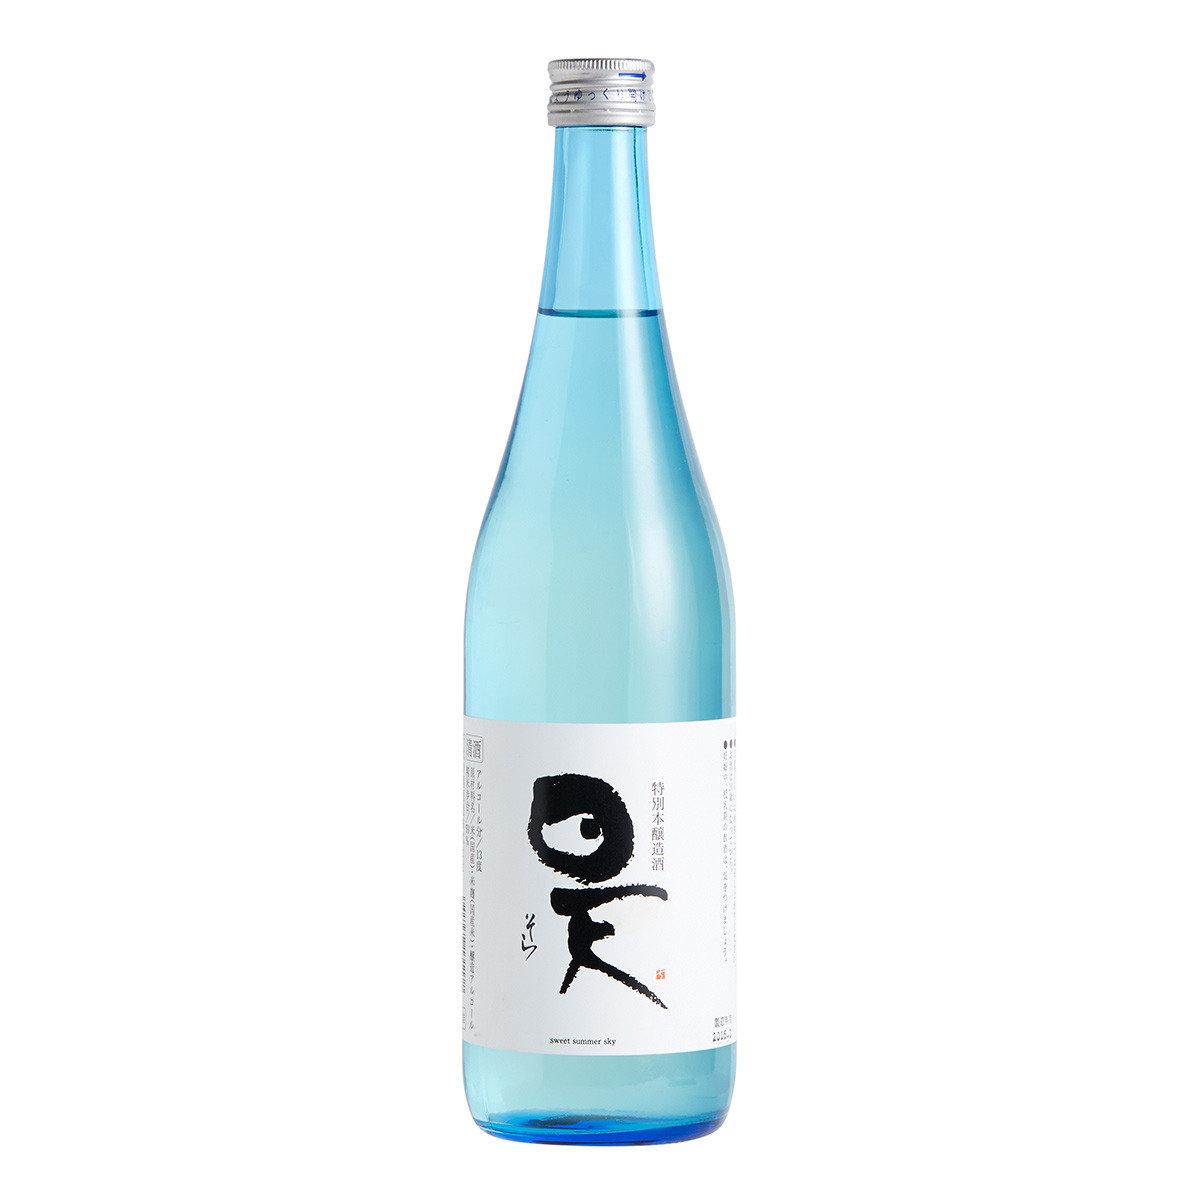 昊 - 特別本醸造 (冷飲)